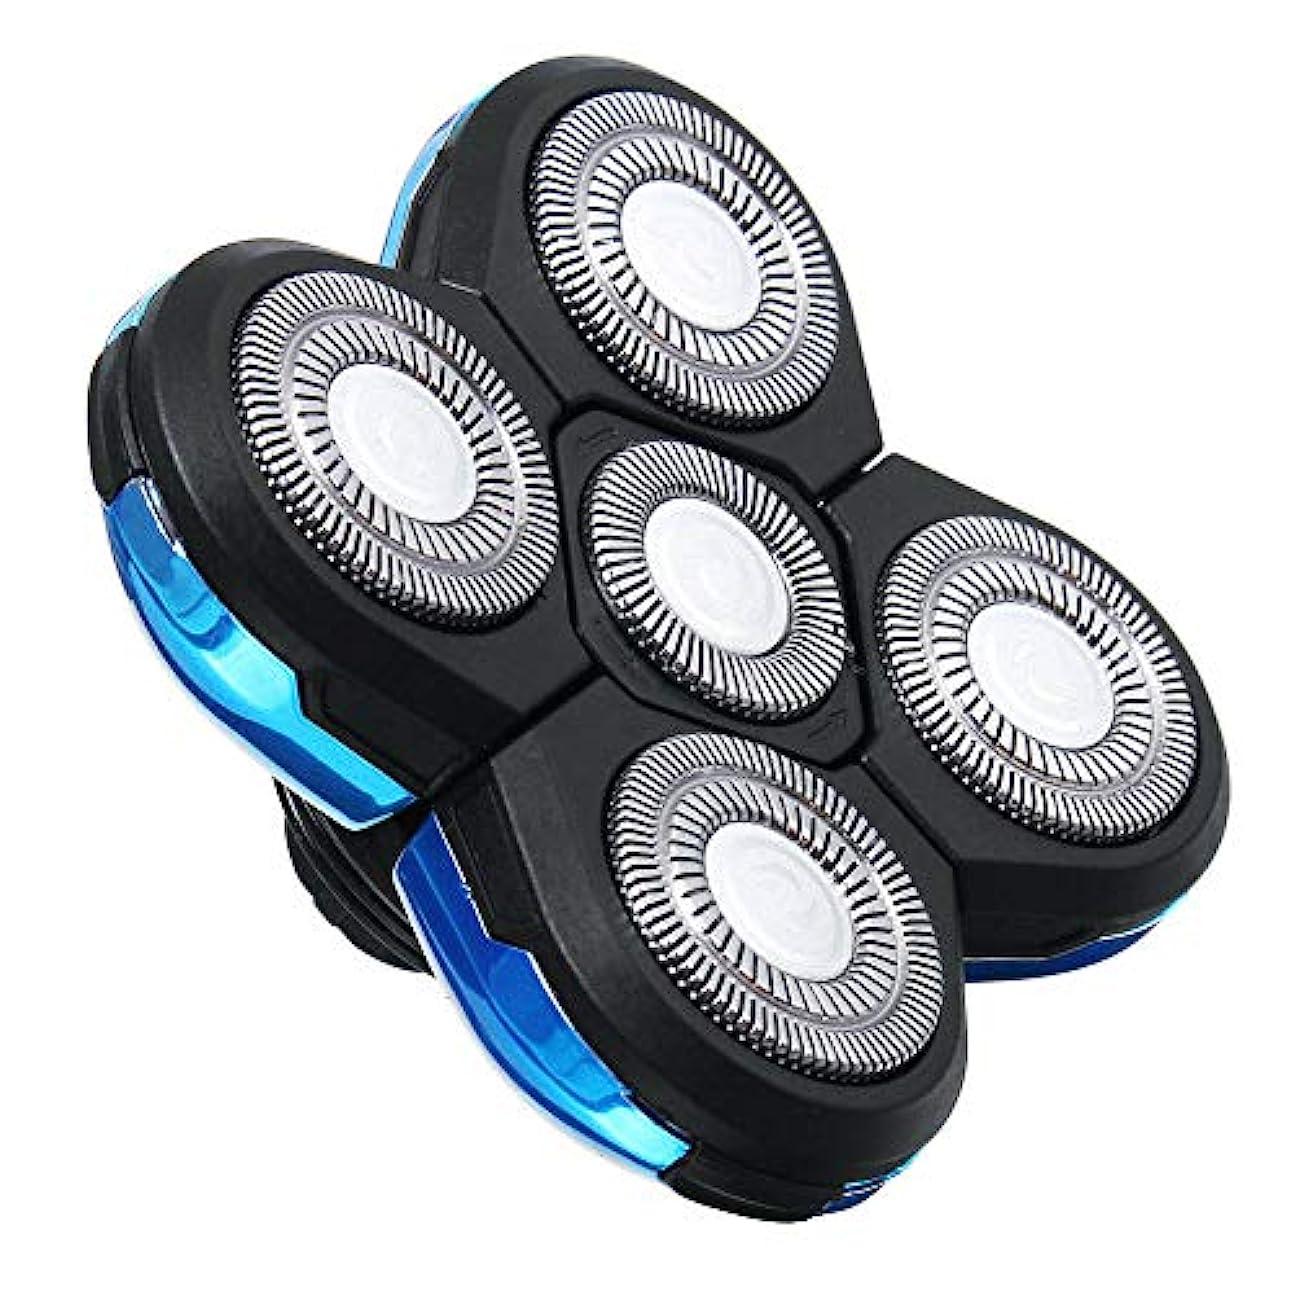 補償ミケランジェロ施しシェーバー5 sヘアトリマー髭ユニバーサル耐久性のある高速ブレードカッター交換簡単インストールフローティング実用シェービング電気かみそりダブルリング(ブルー)